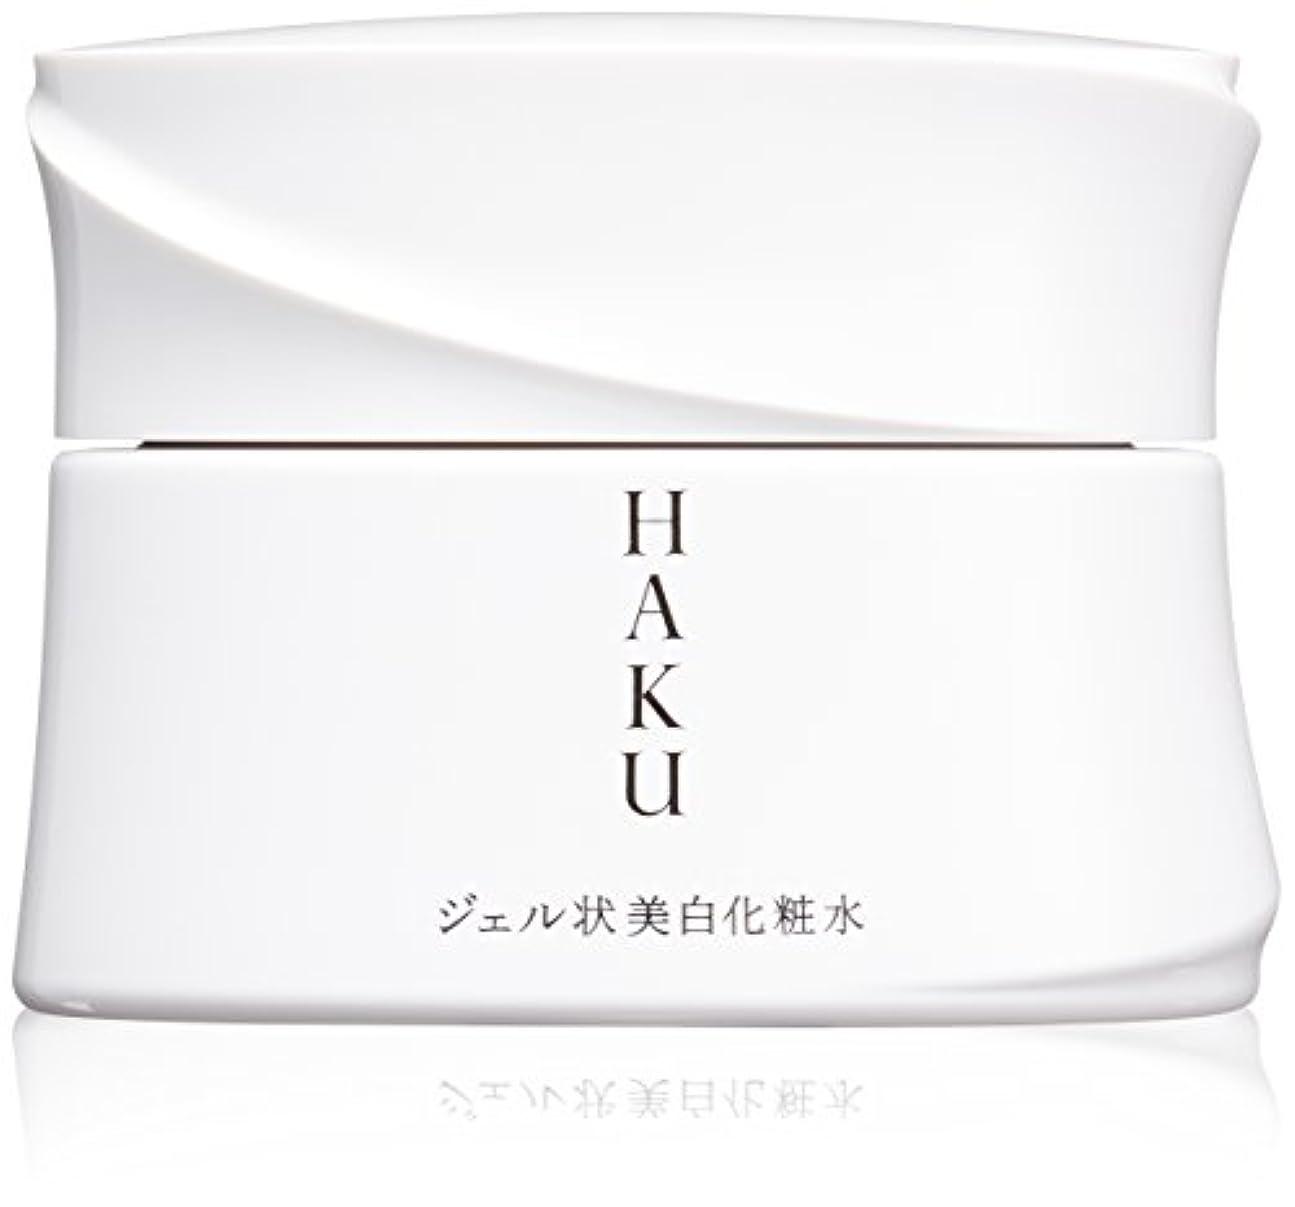 株式ここに物理学者HAKU メラノディープモイスチャー 美白化粧水 100g 【医薬部外品】